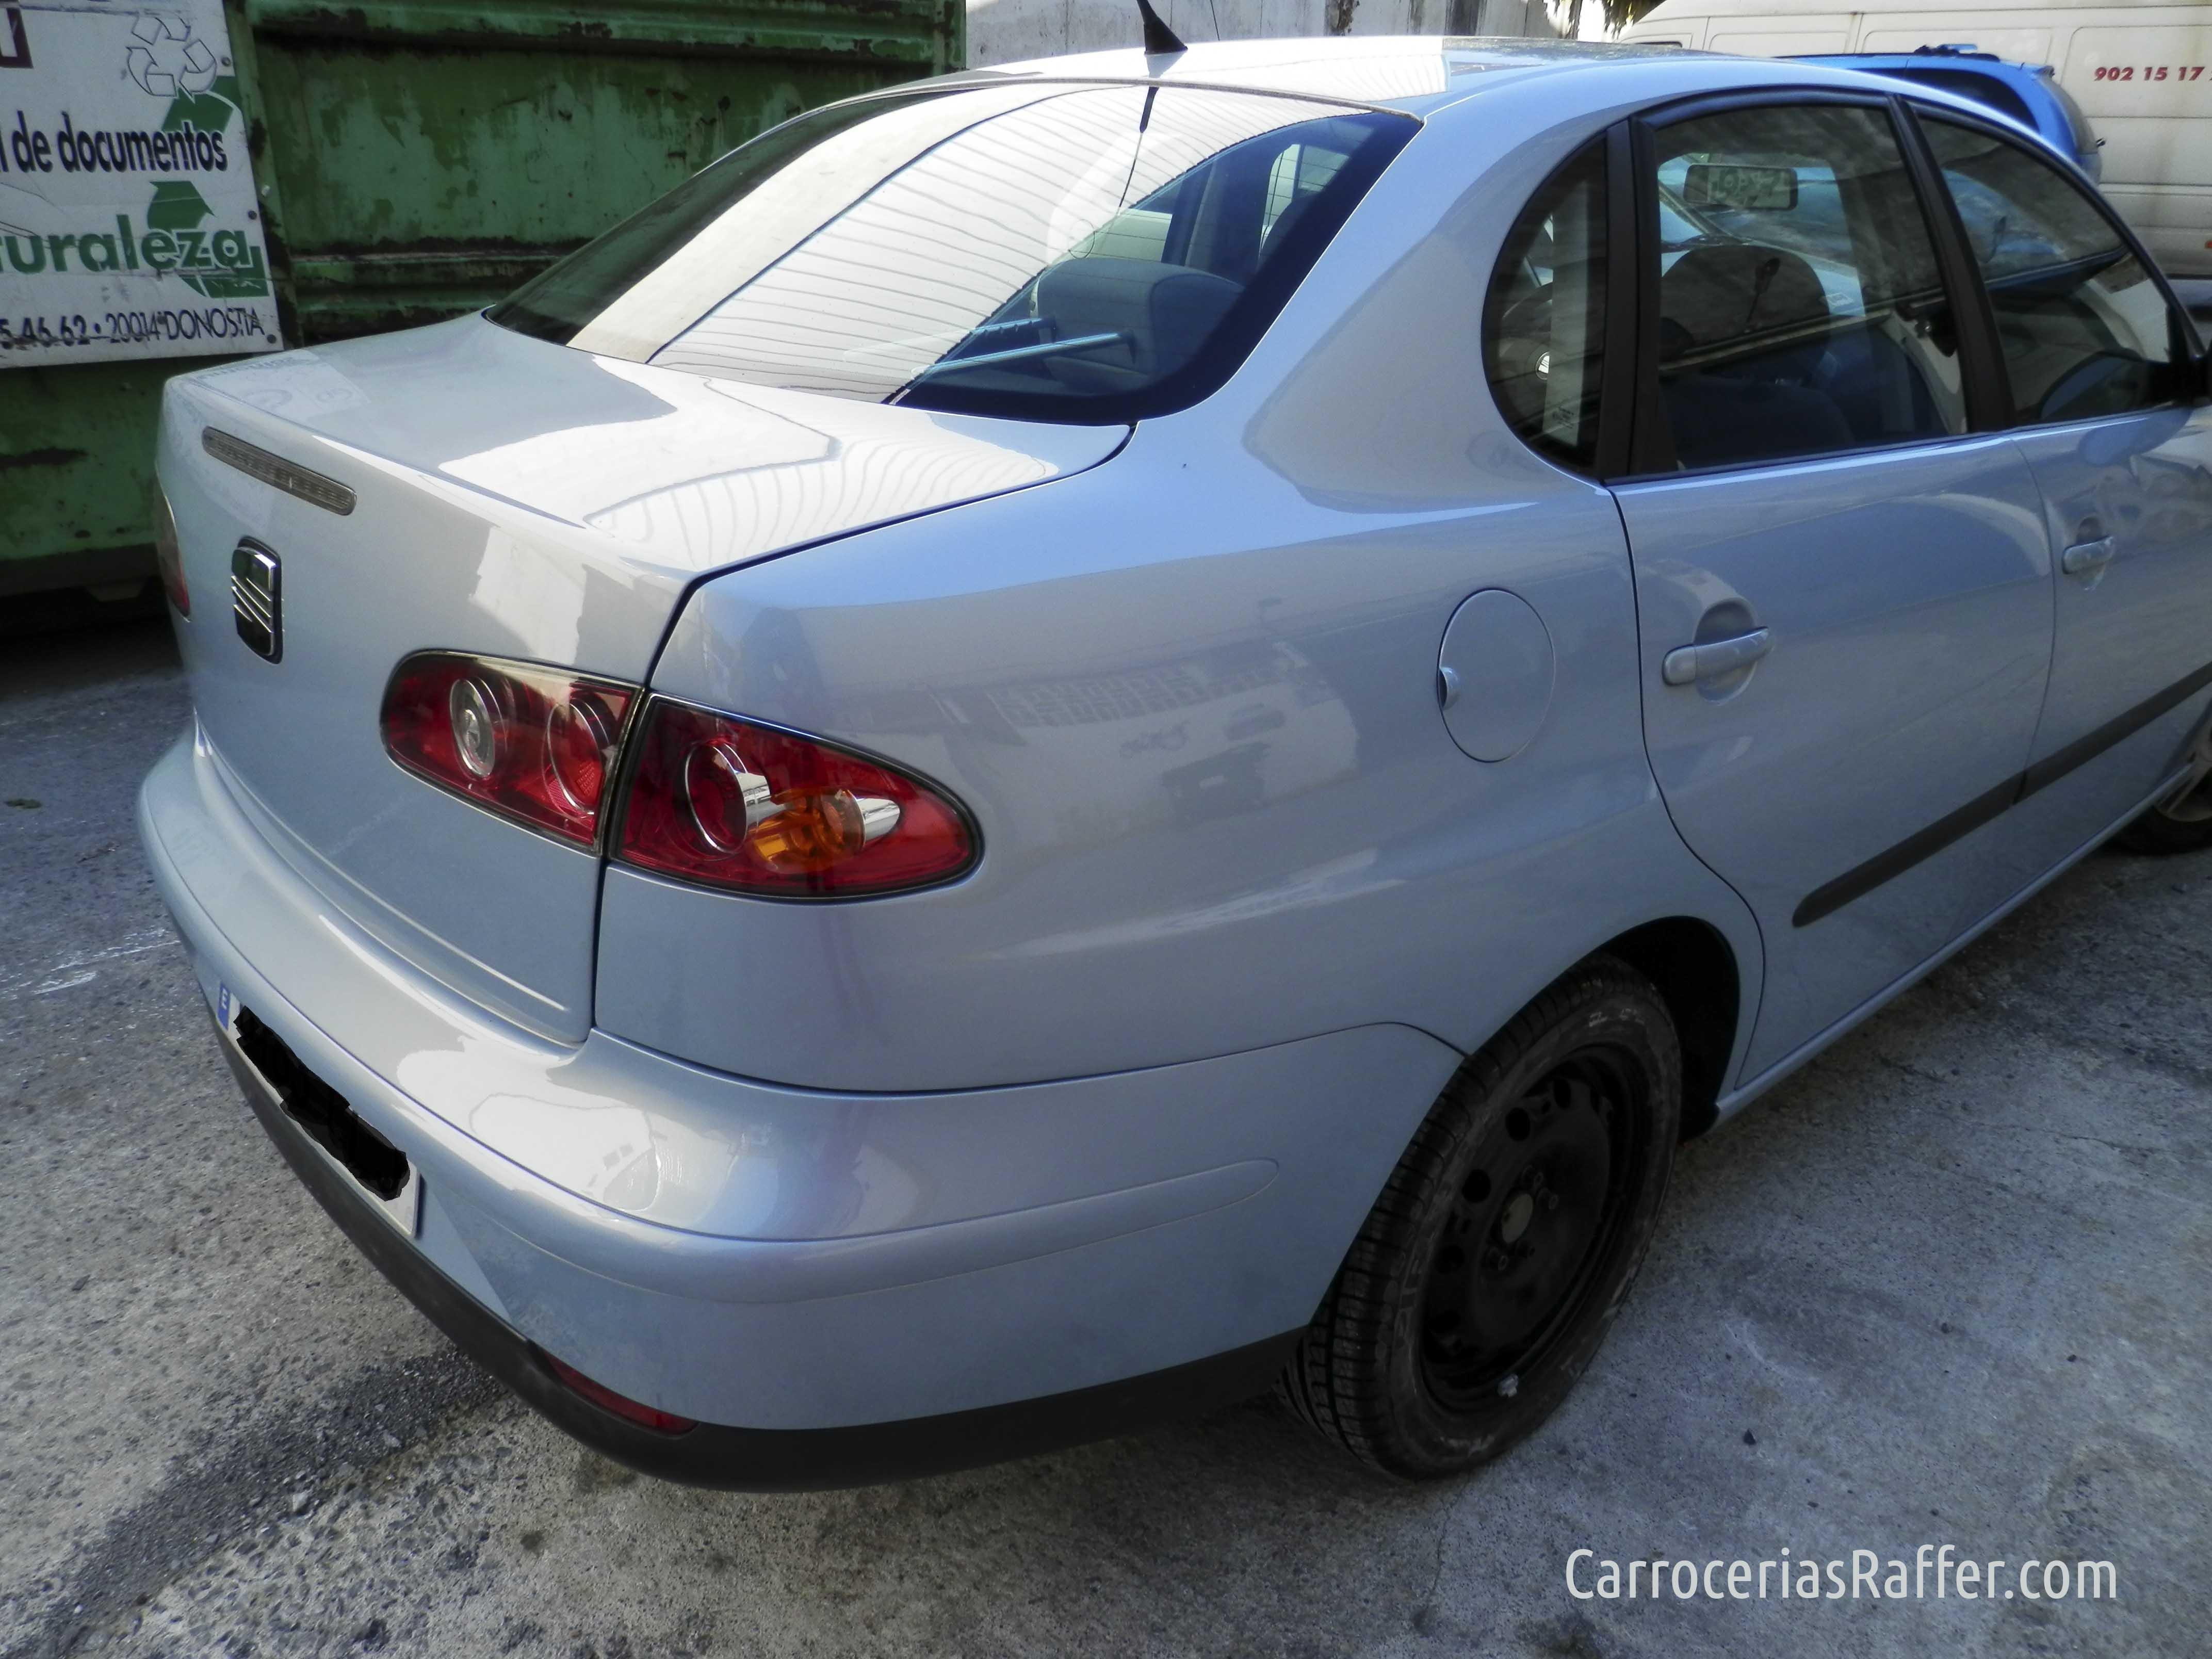 Reparación de chapa en un SEAT Córdoba